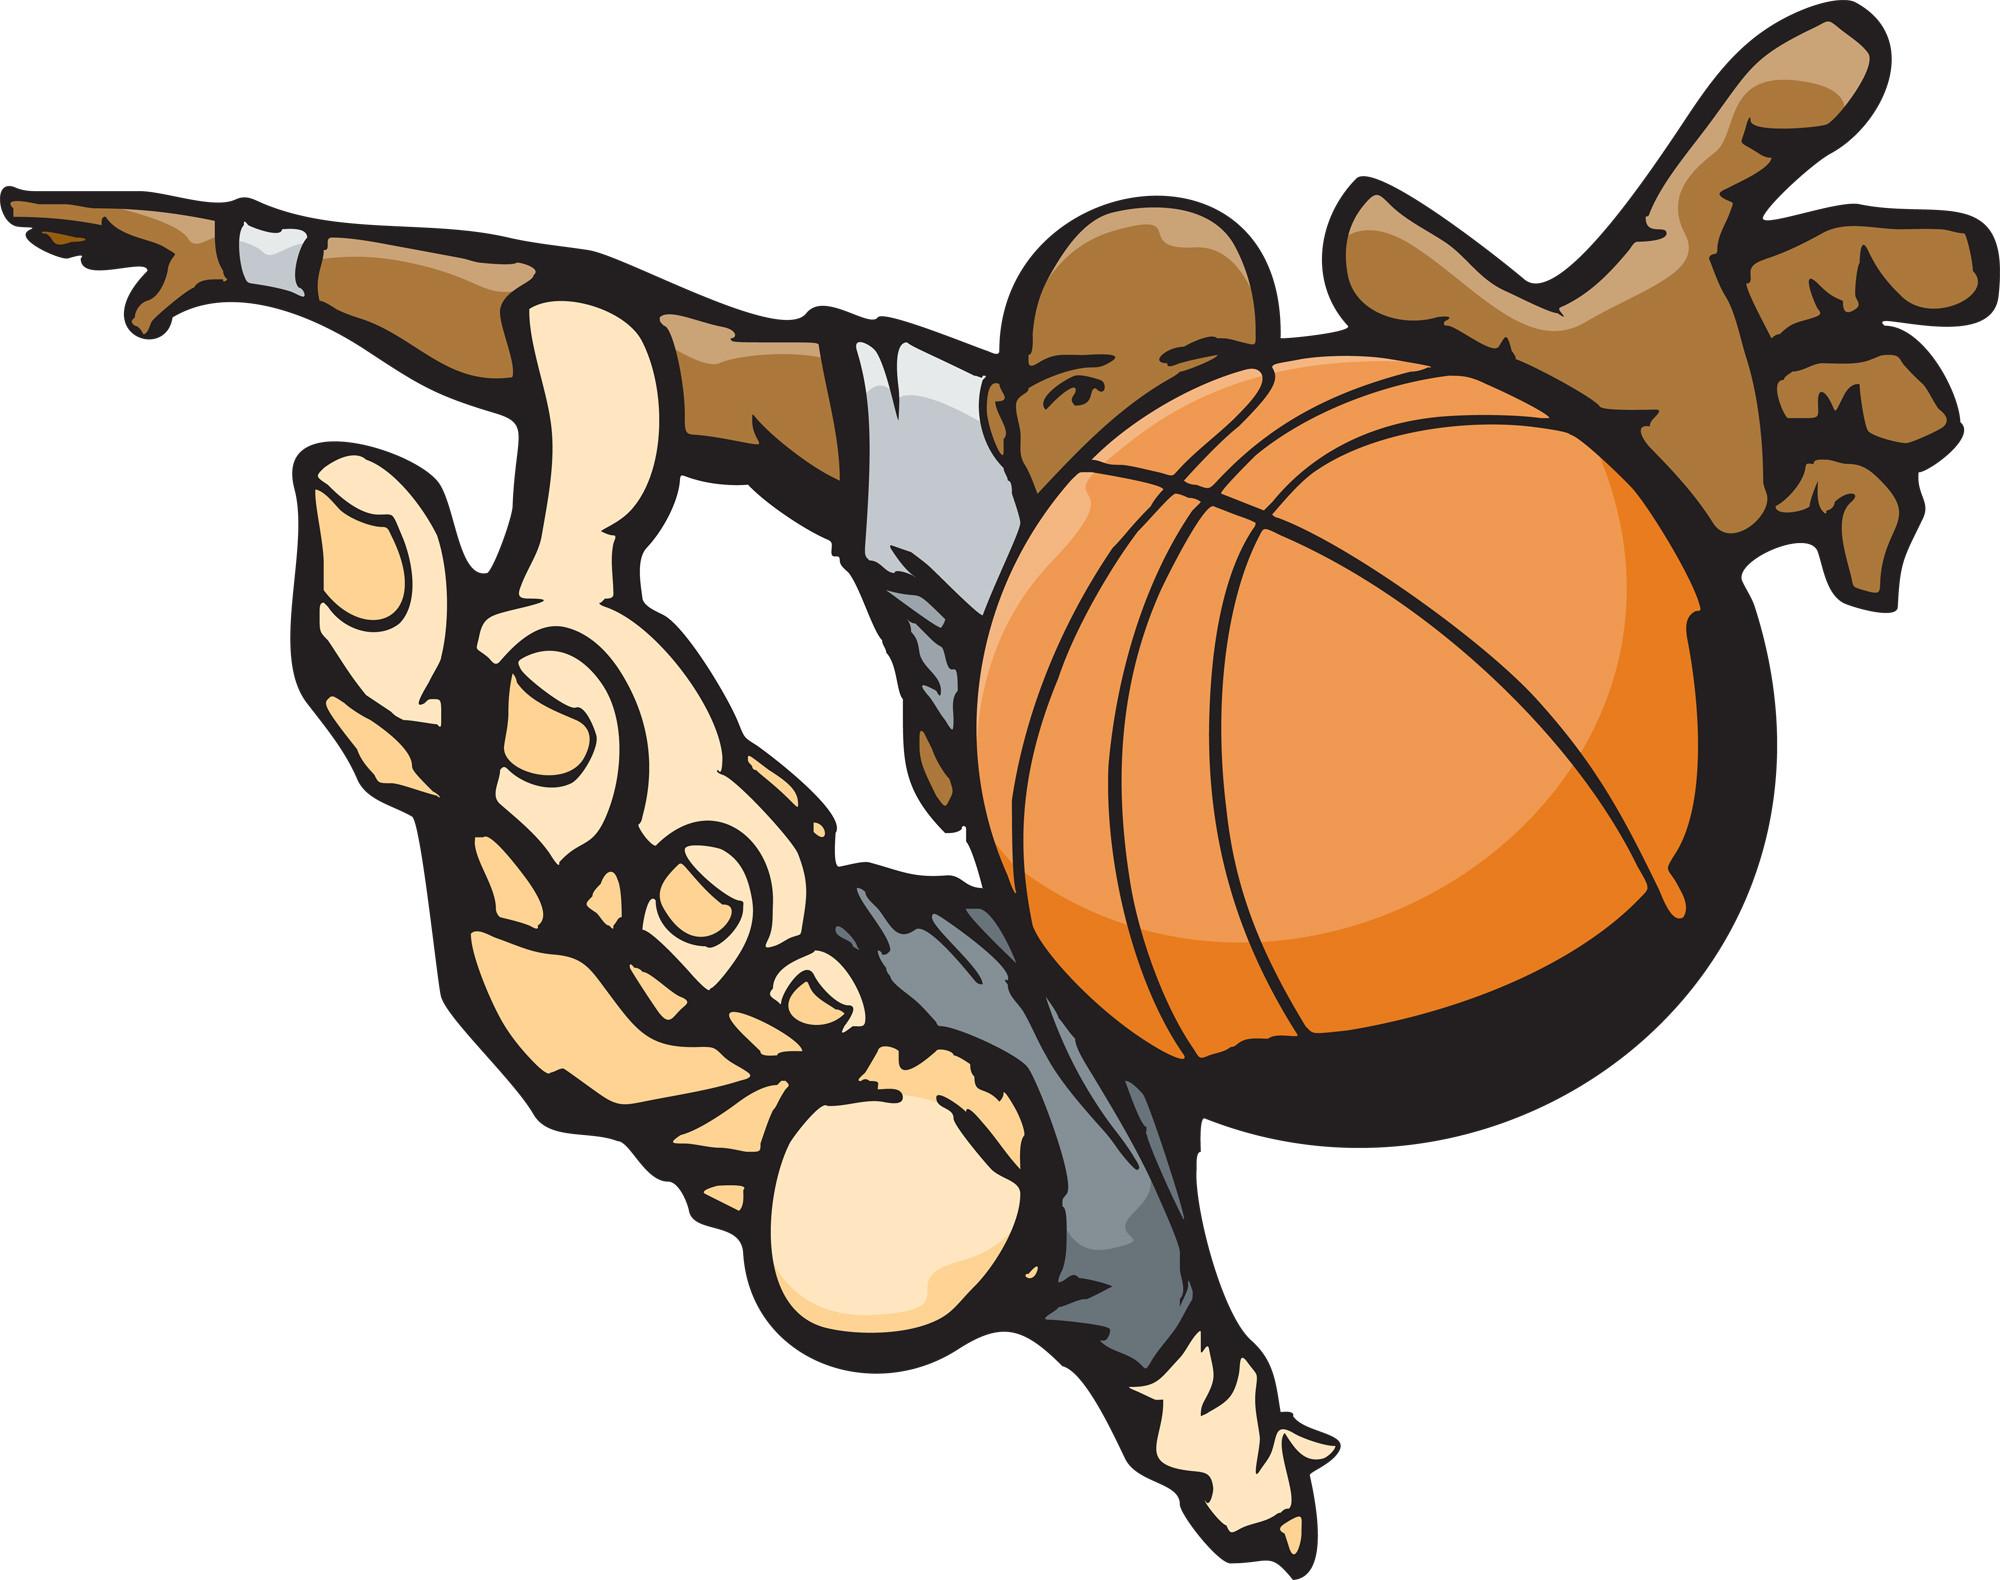 2000x1580 Symbolic Flaming Basketball Ball Royalty Free Vector Clip Art